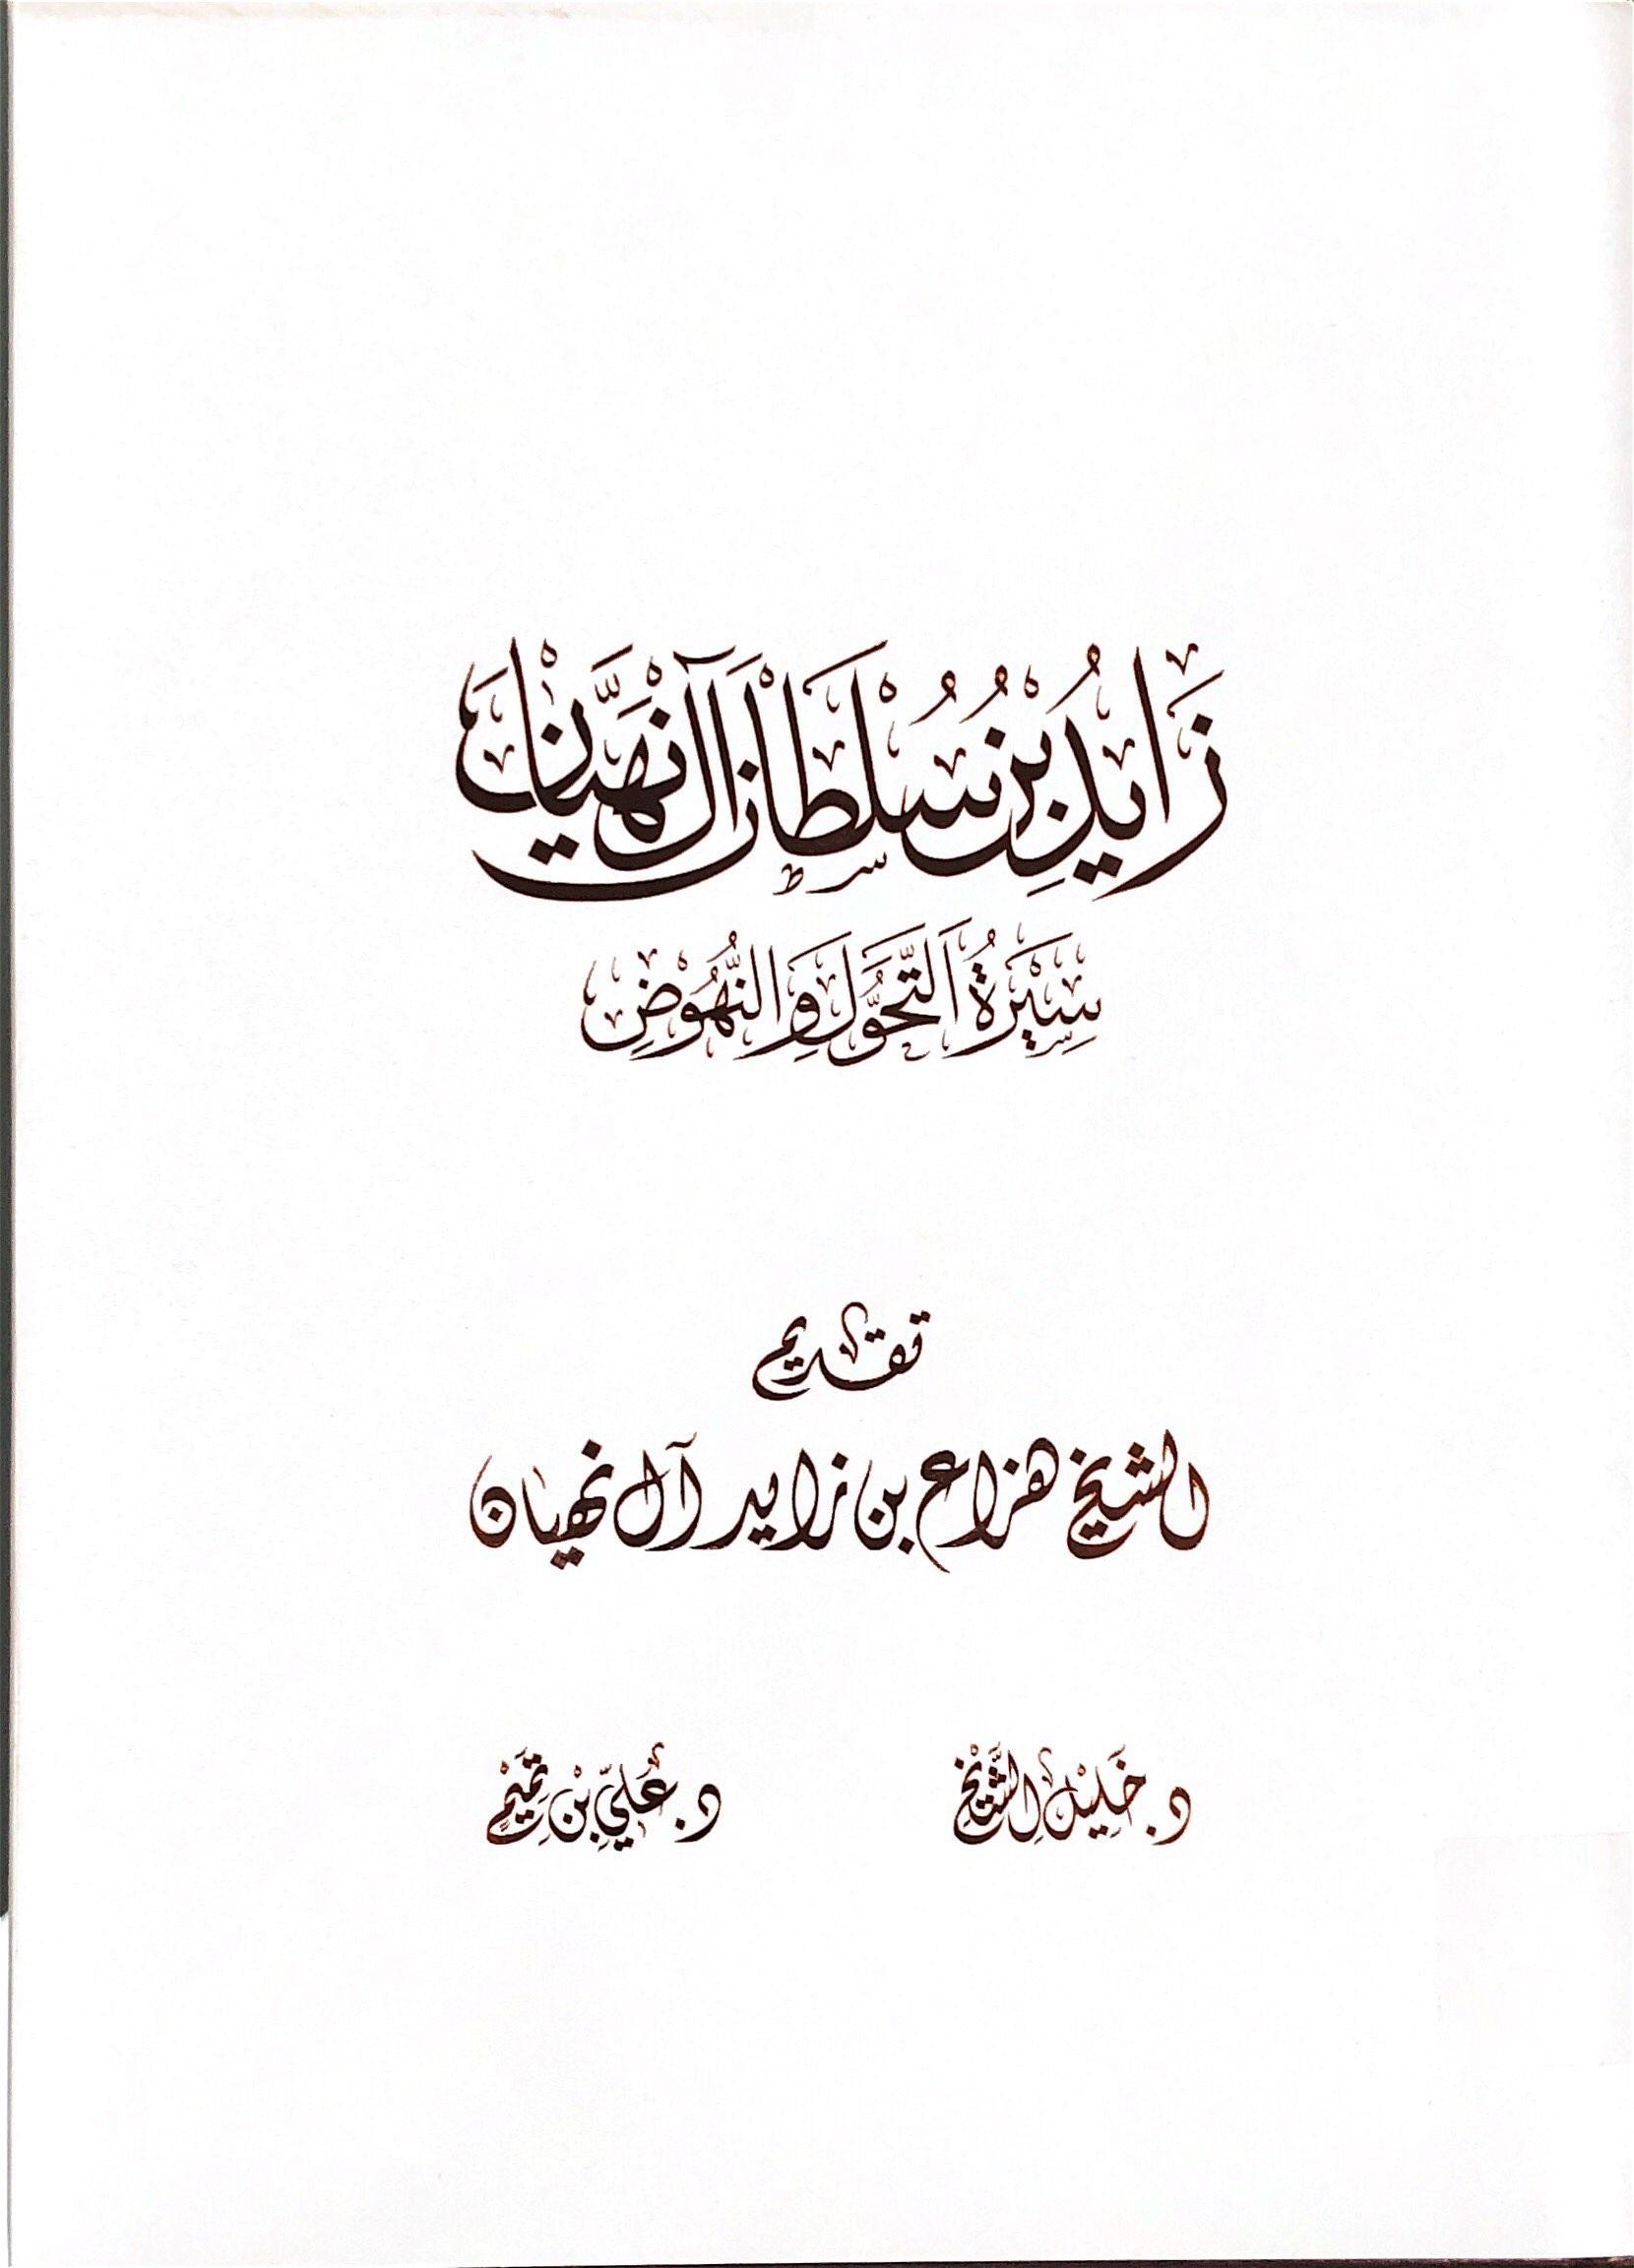 زايد-بن-سلطان-آل-نهيان-:-سيرة-التحول-و-النهوض